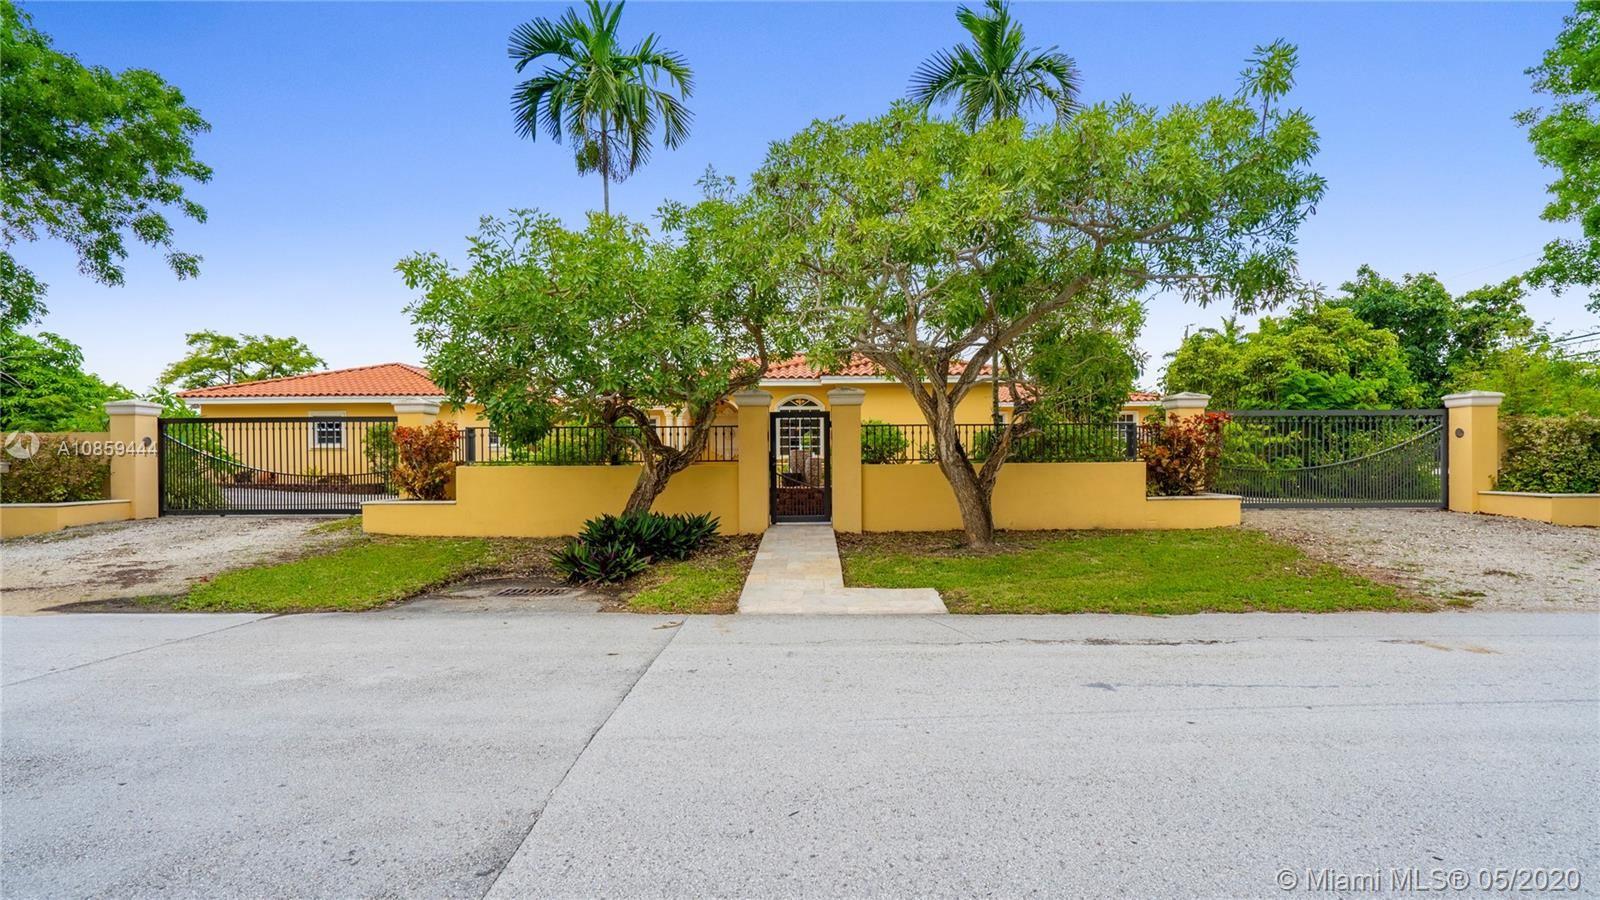 9701 SW 68th St, Miami, FL 33173 - #: A10859444